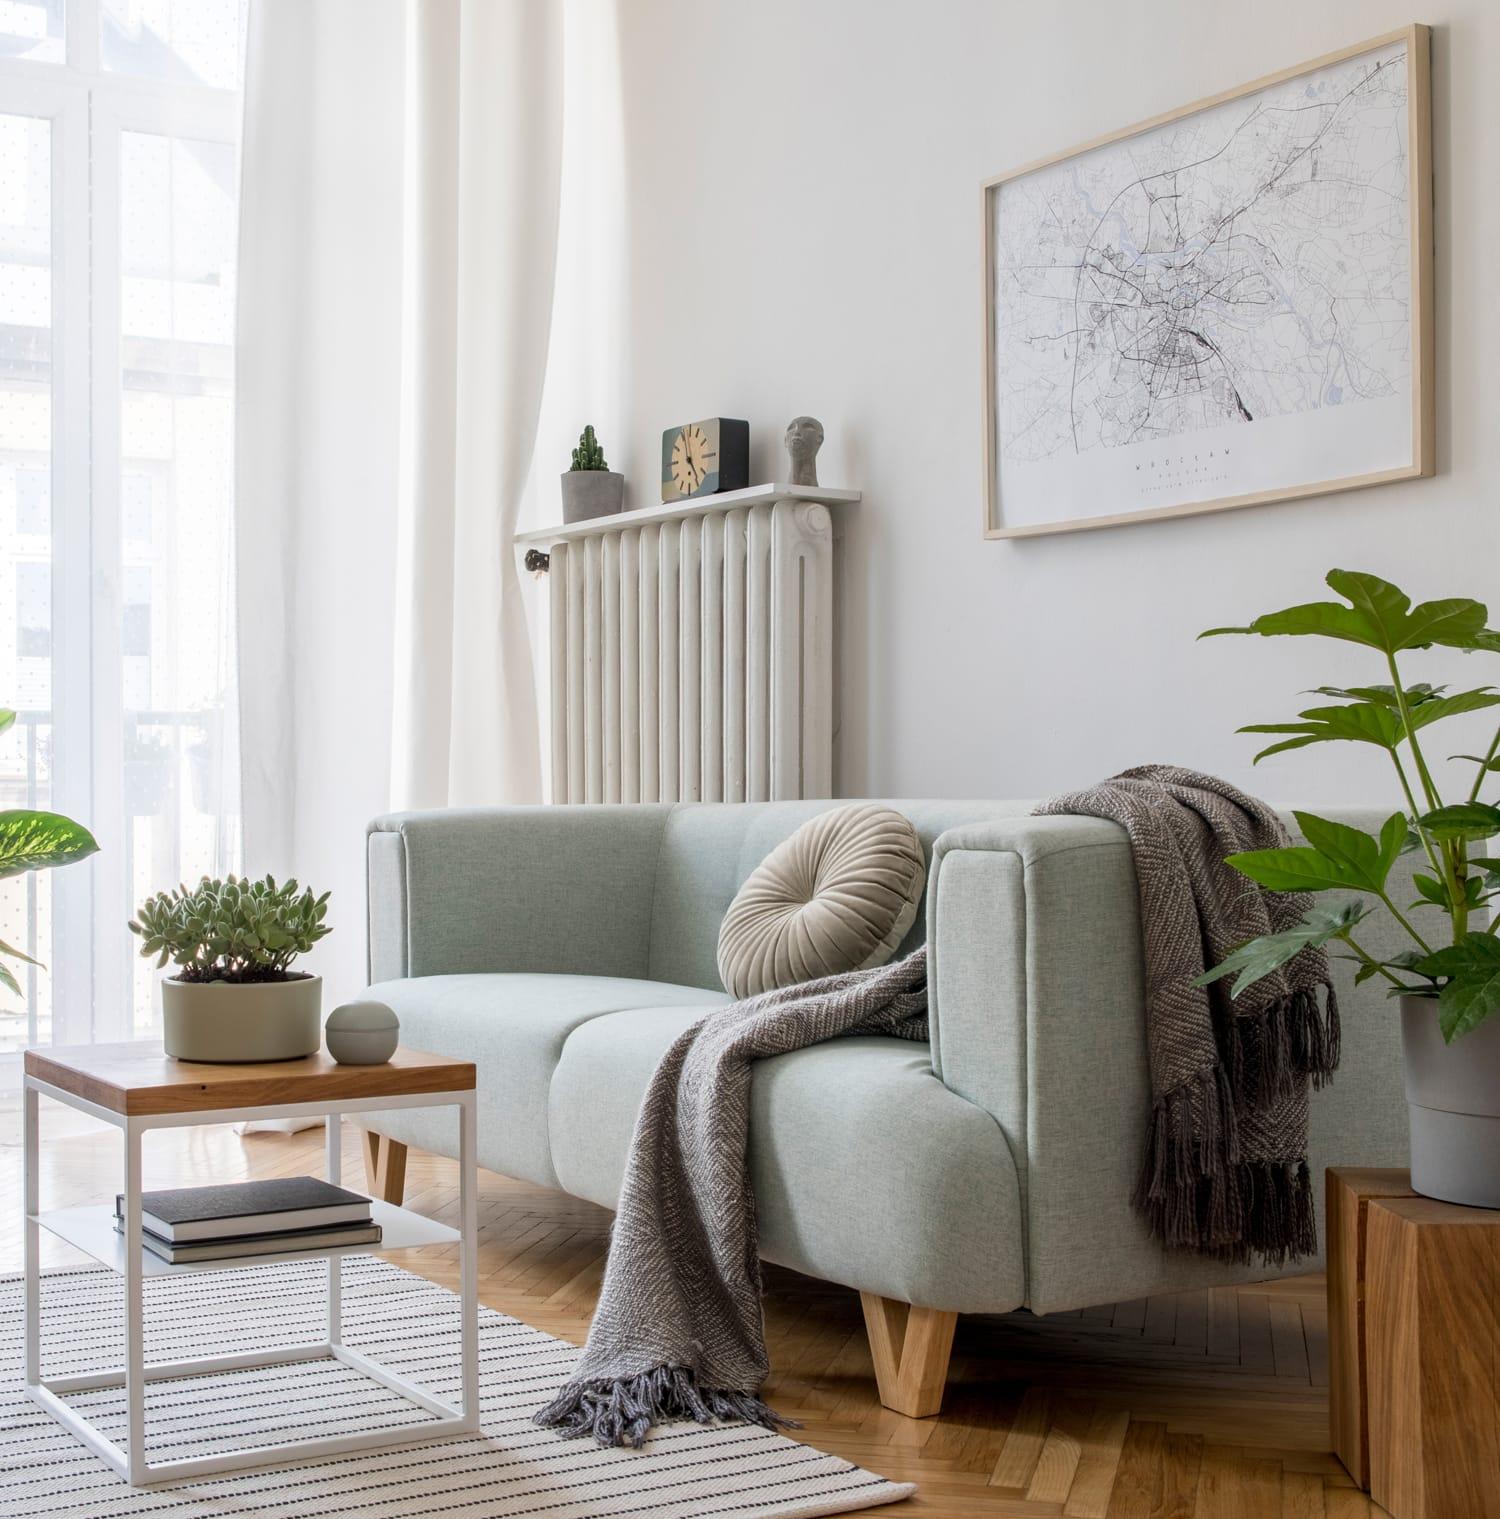 Wohnraum zur Darstellung der Immobilienbewertung